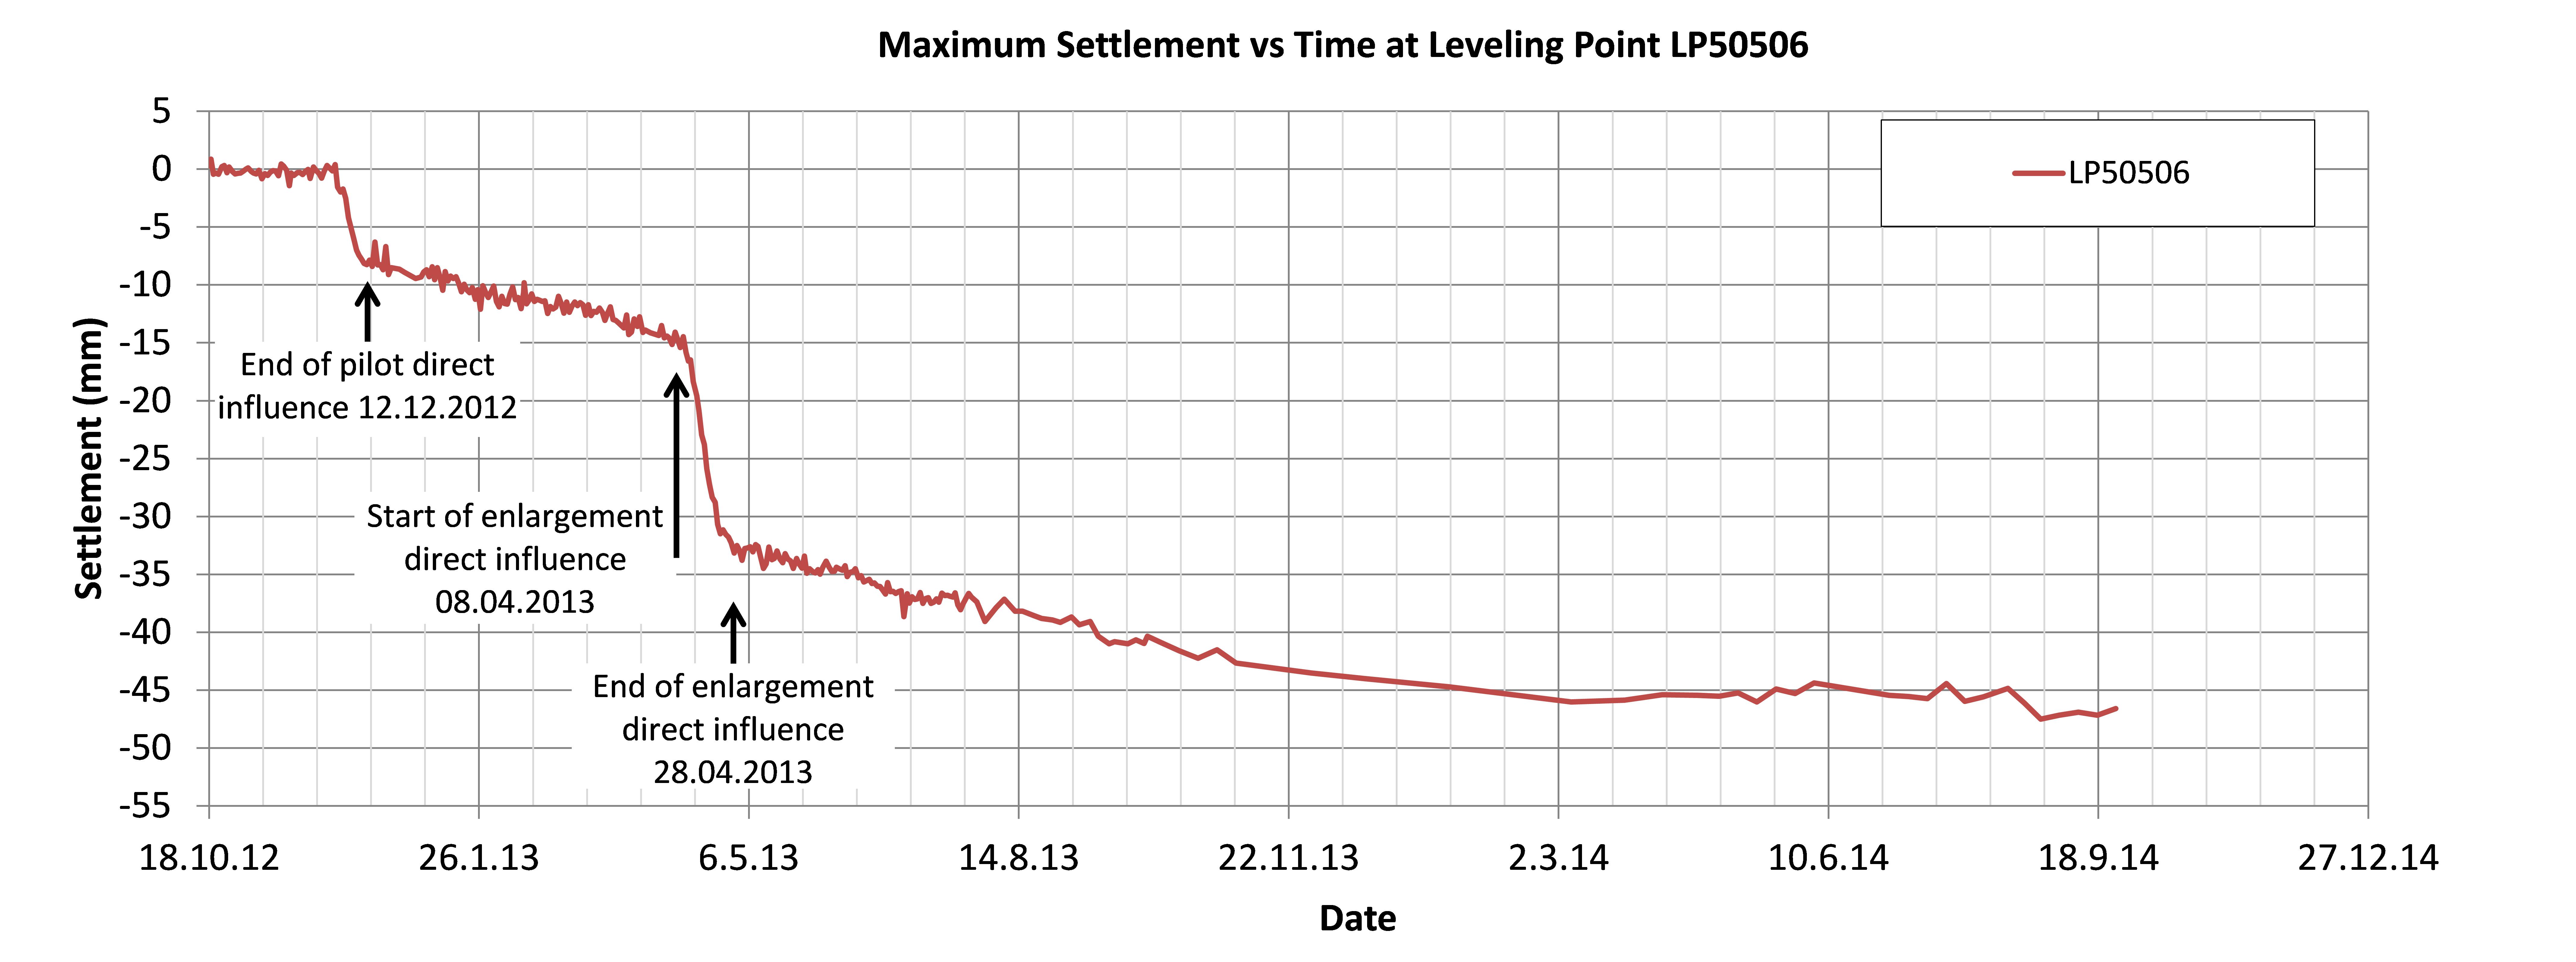 Figure 31 - Full settlement history of maximum settlement.